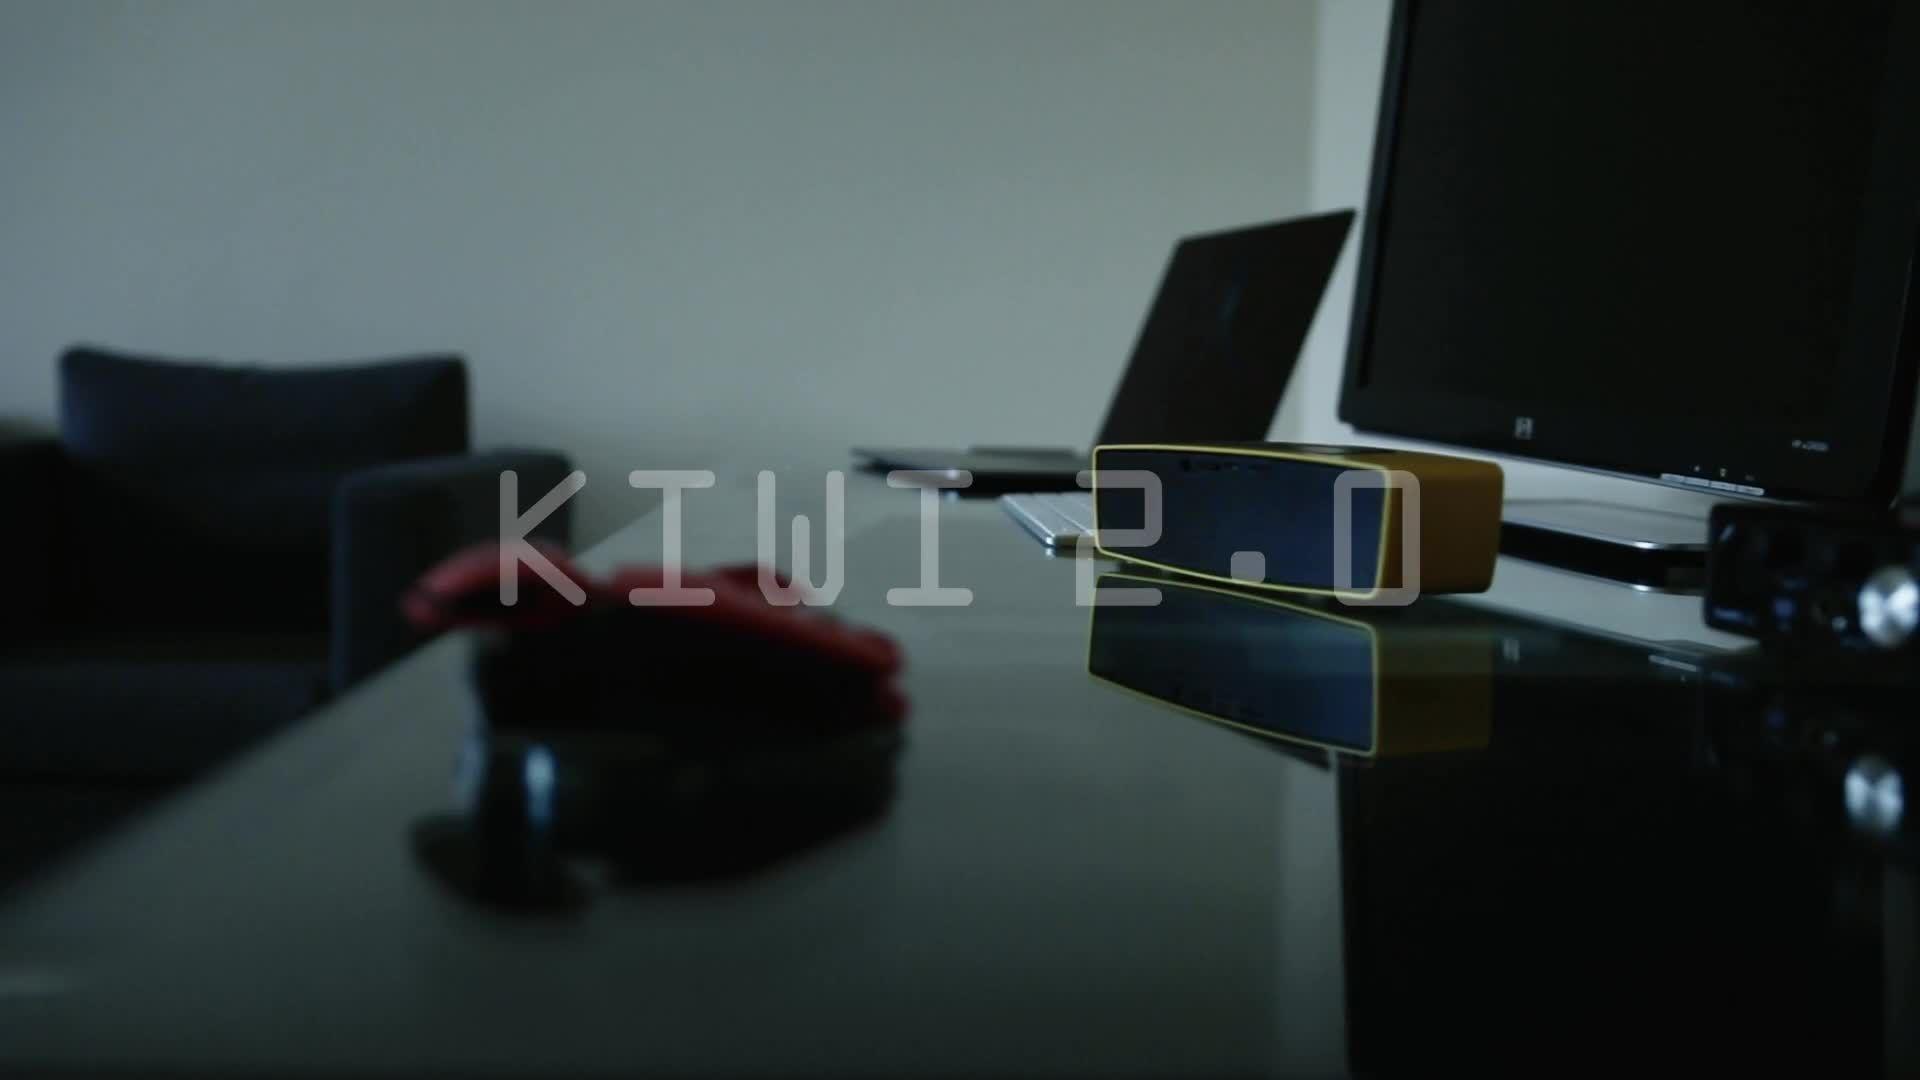 Kiwi 2.0